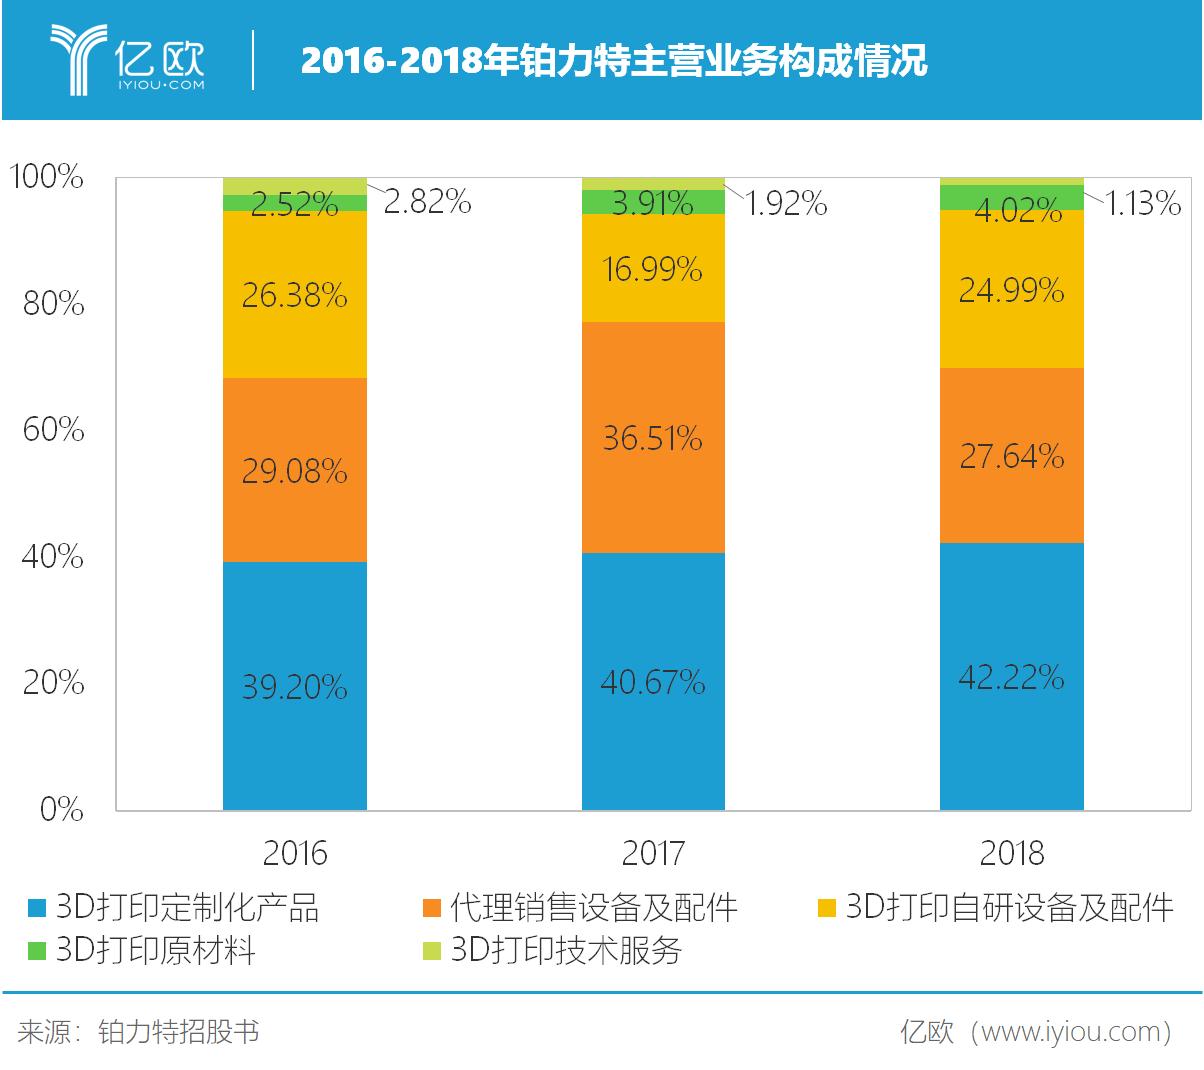 2016-2018年铂力特主营业务构成情况